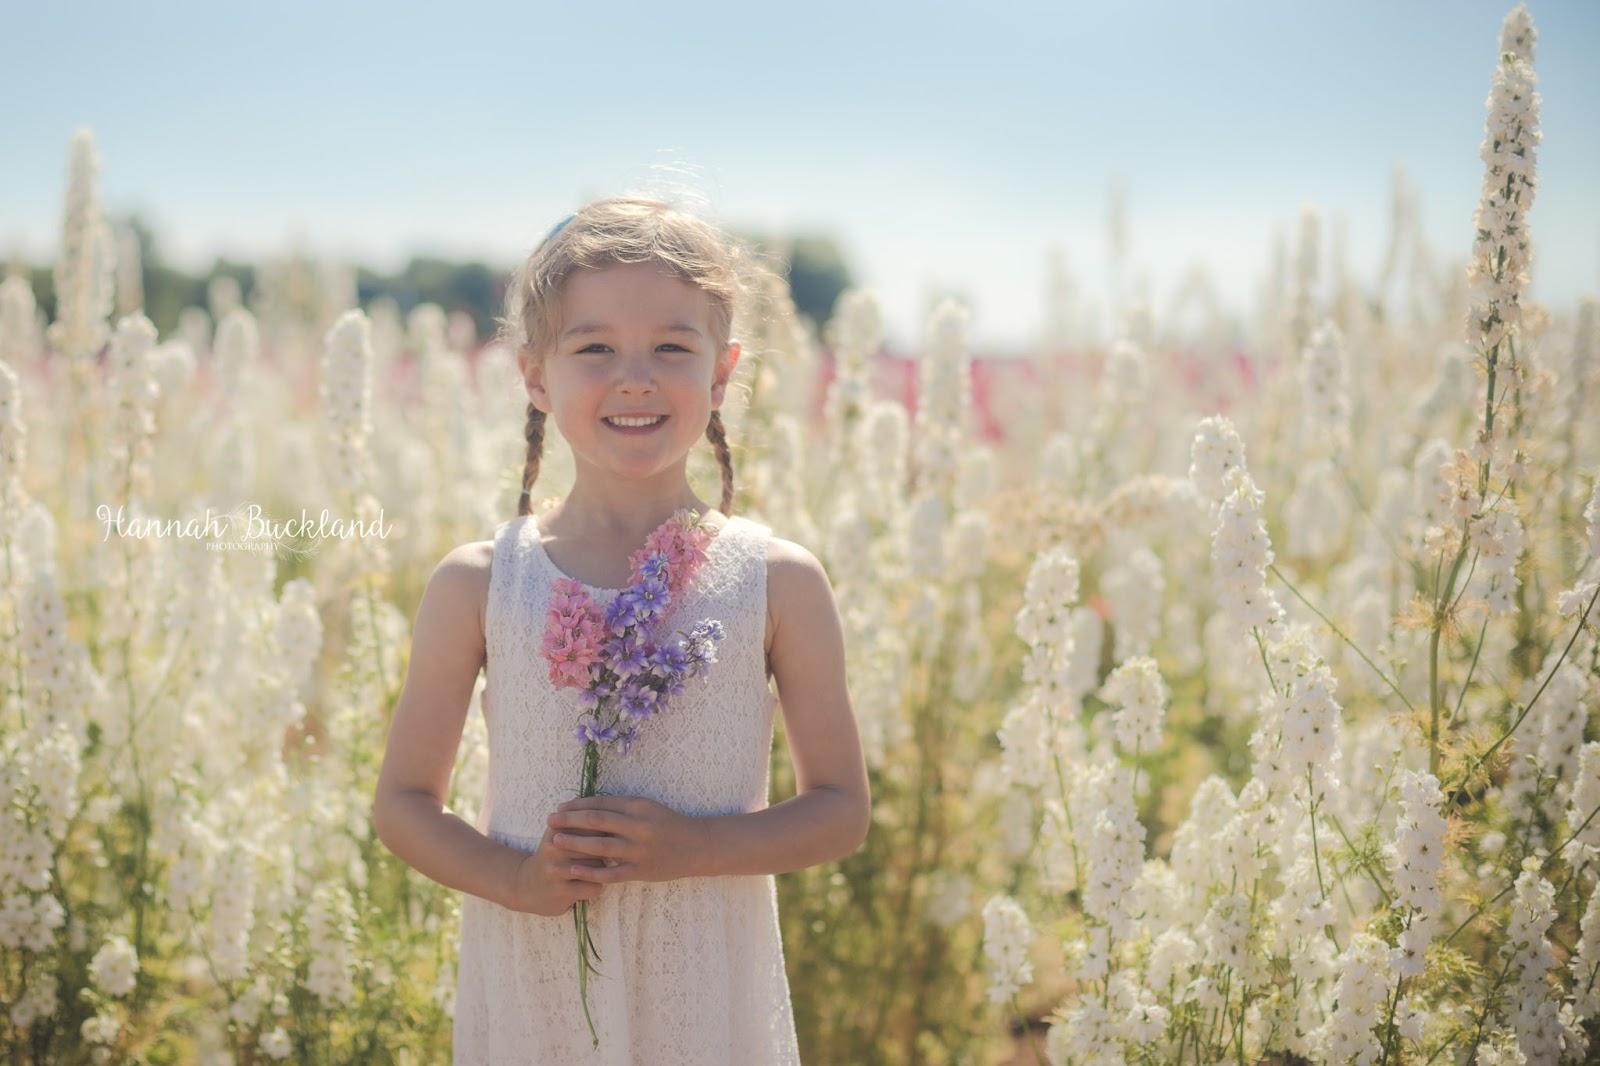 Ngỡ ngàng vẻ đẹp thiên đường hoa mùa hè chỉ mở cửa 7 ngày mỗi năm - ảnh 10